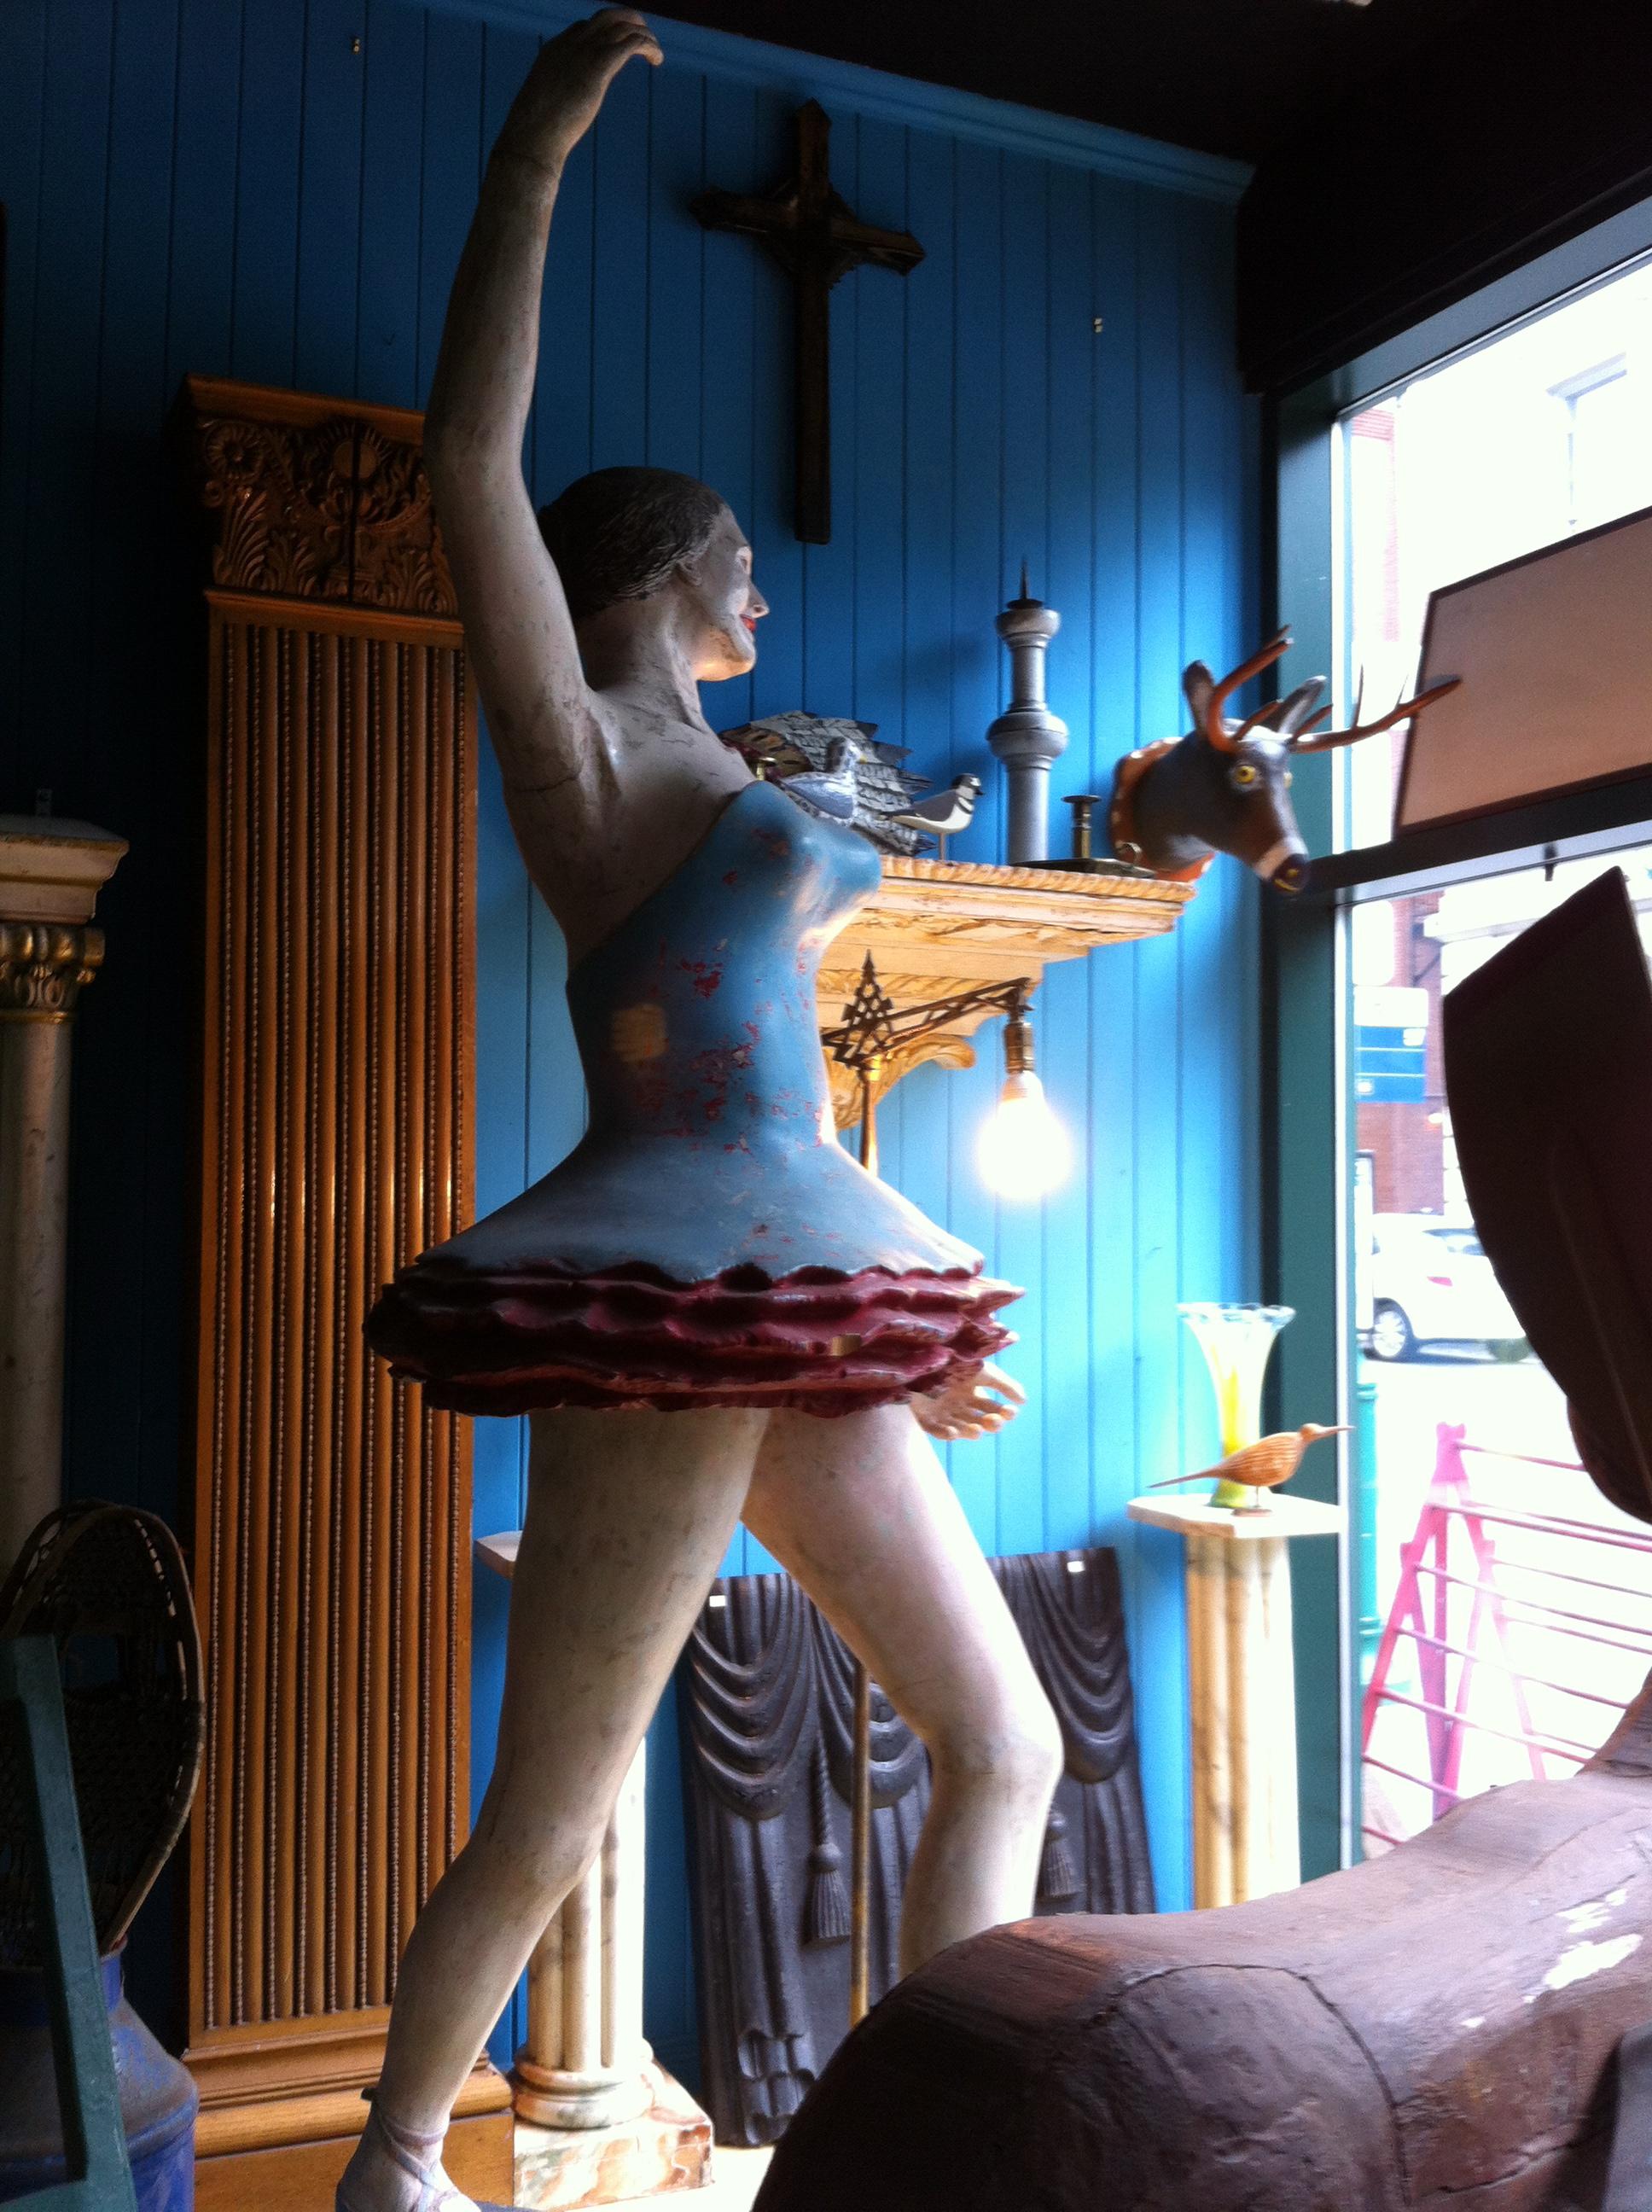 Antique ballerina figure in Quebec | flourishandknot.com